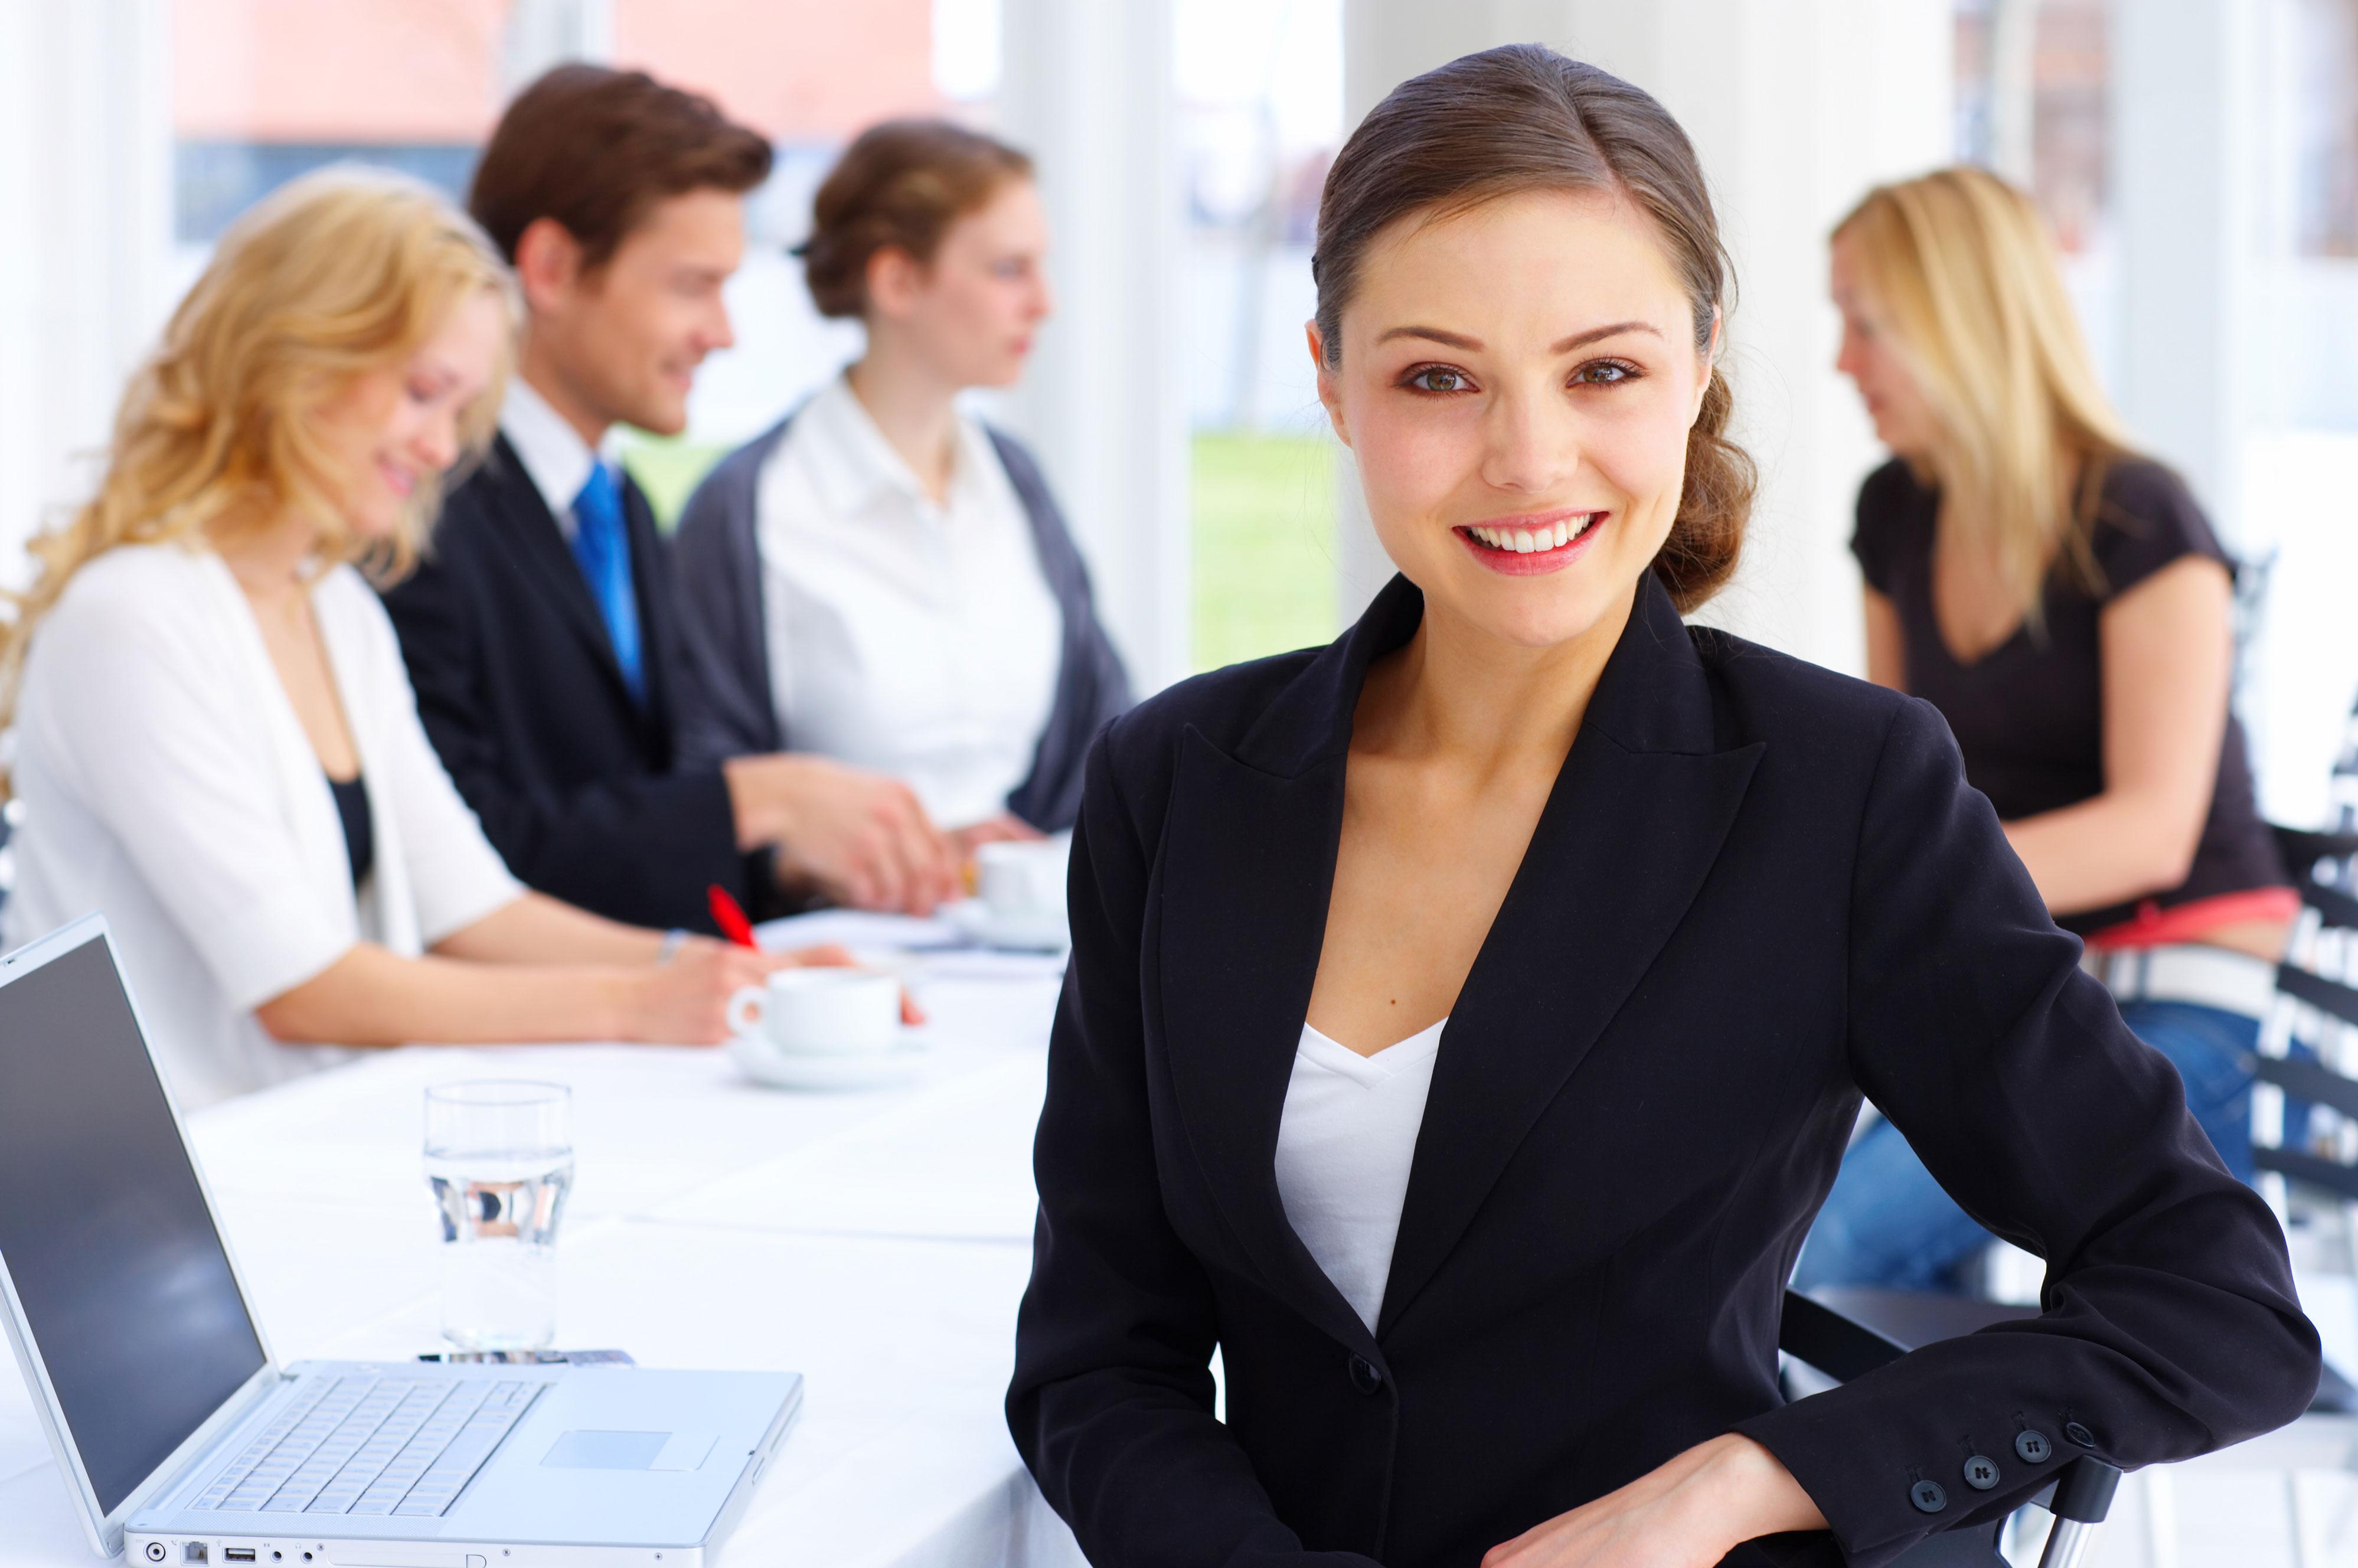 Jovens são menos contratados e mais demitidos!